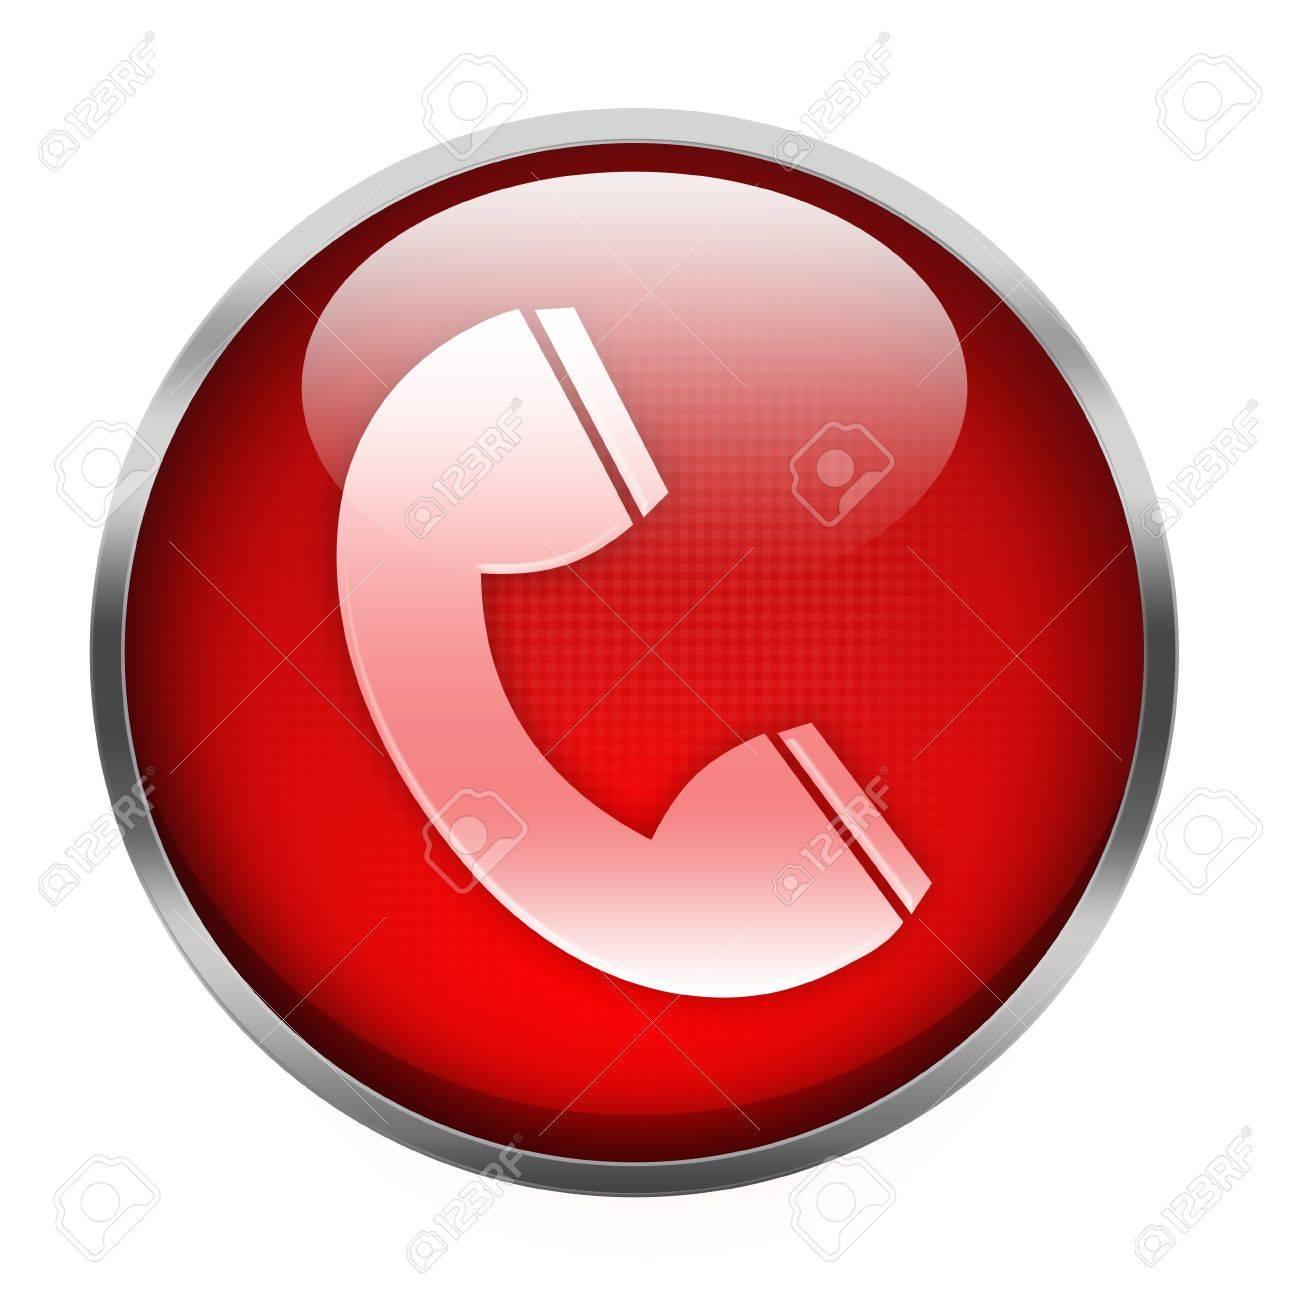 telephone icon isolated on white Stock Photo - 15856159